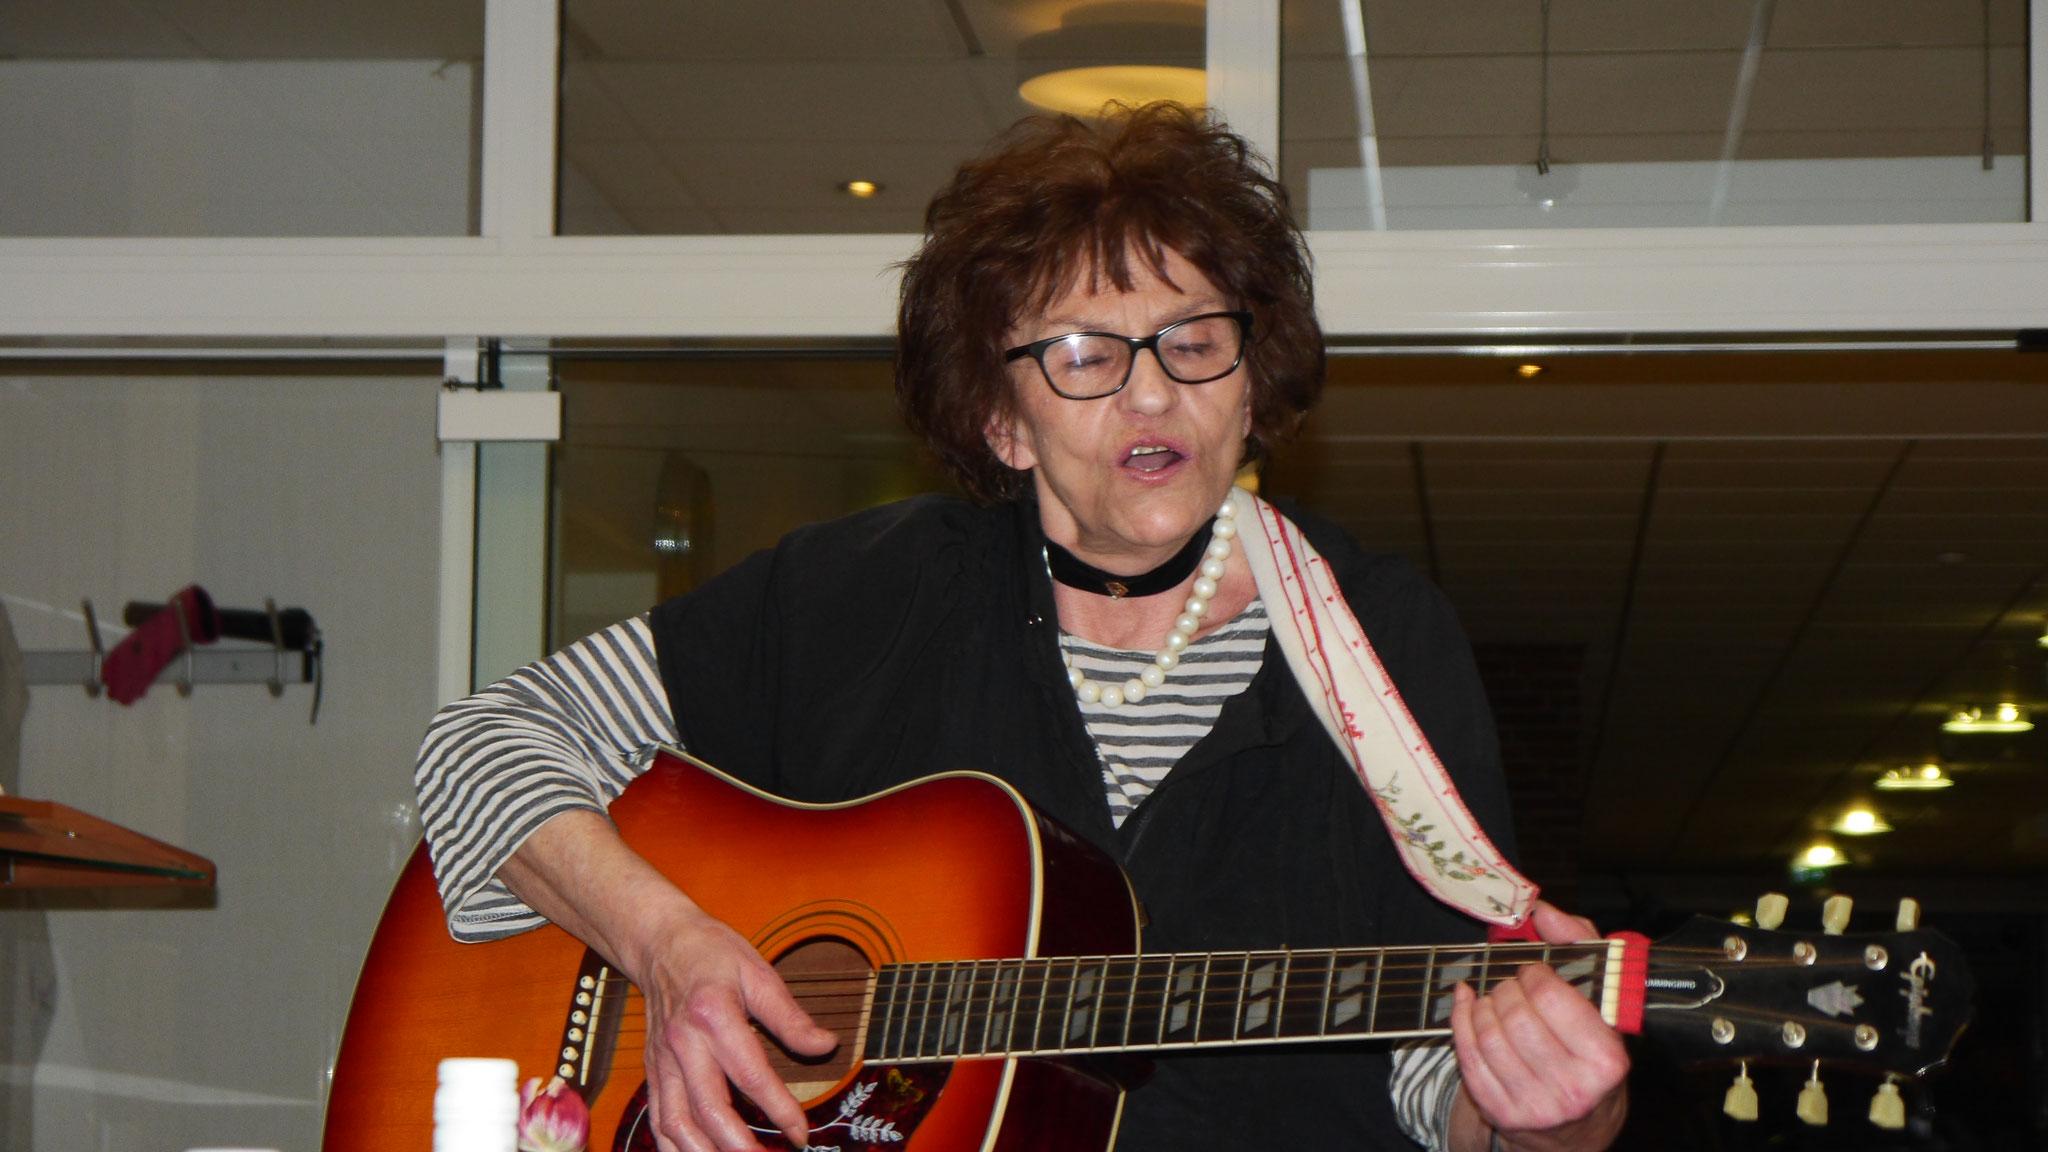 Helga wie immer brillant mit ihrer Gitarre und ihrem Gesang